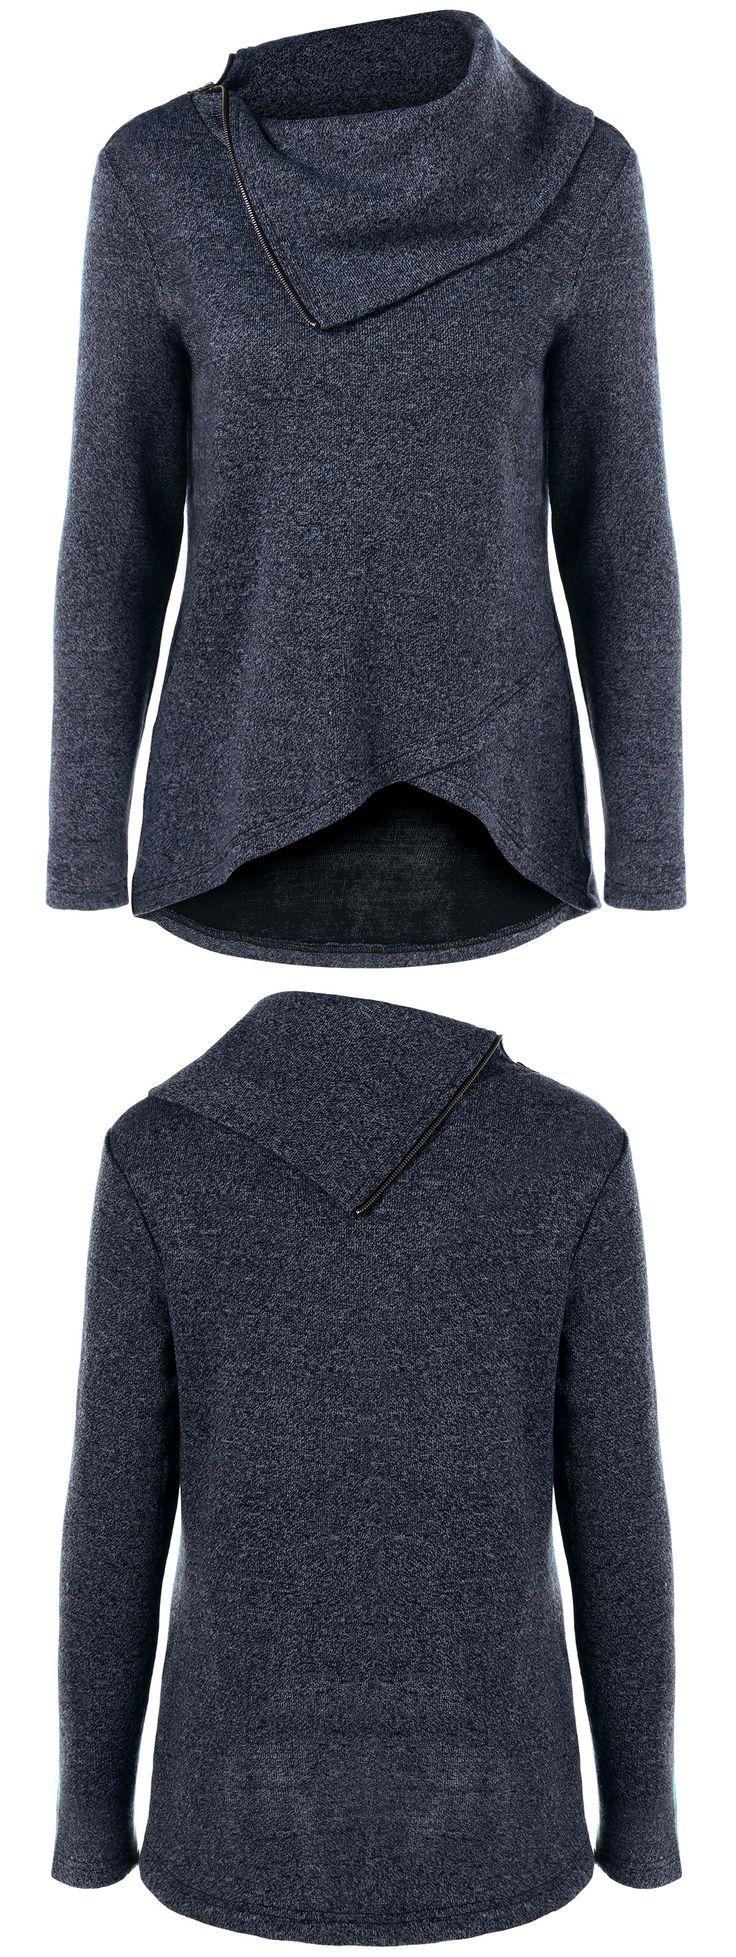 Asymmetric Tulip Hem Knitwear